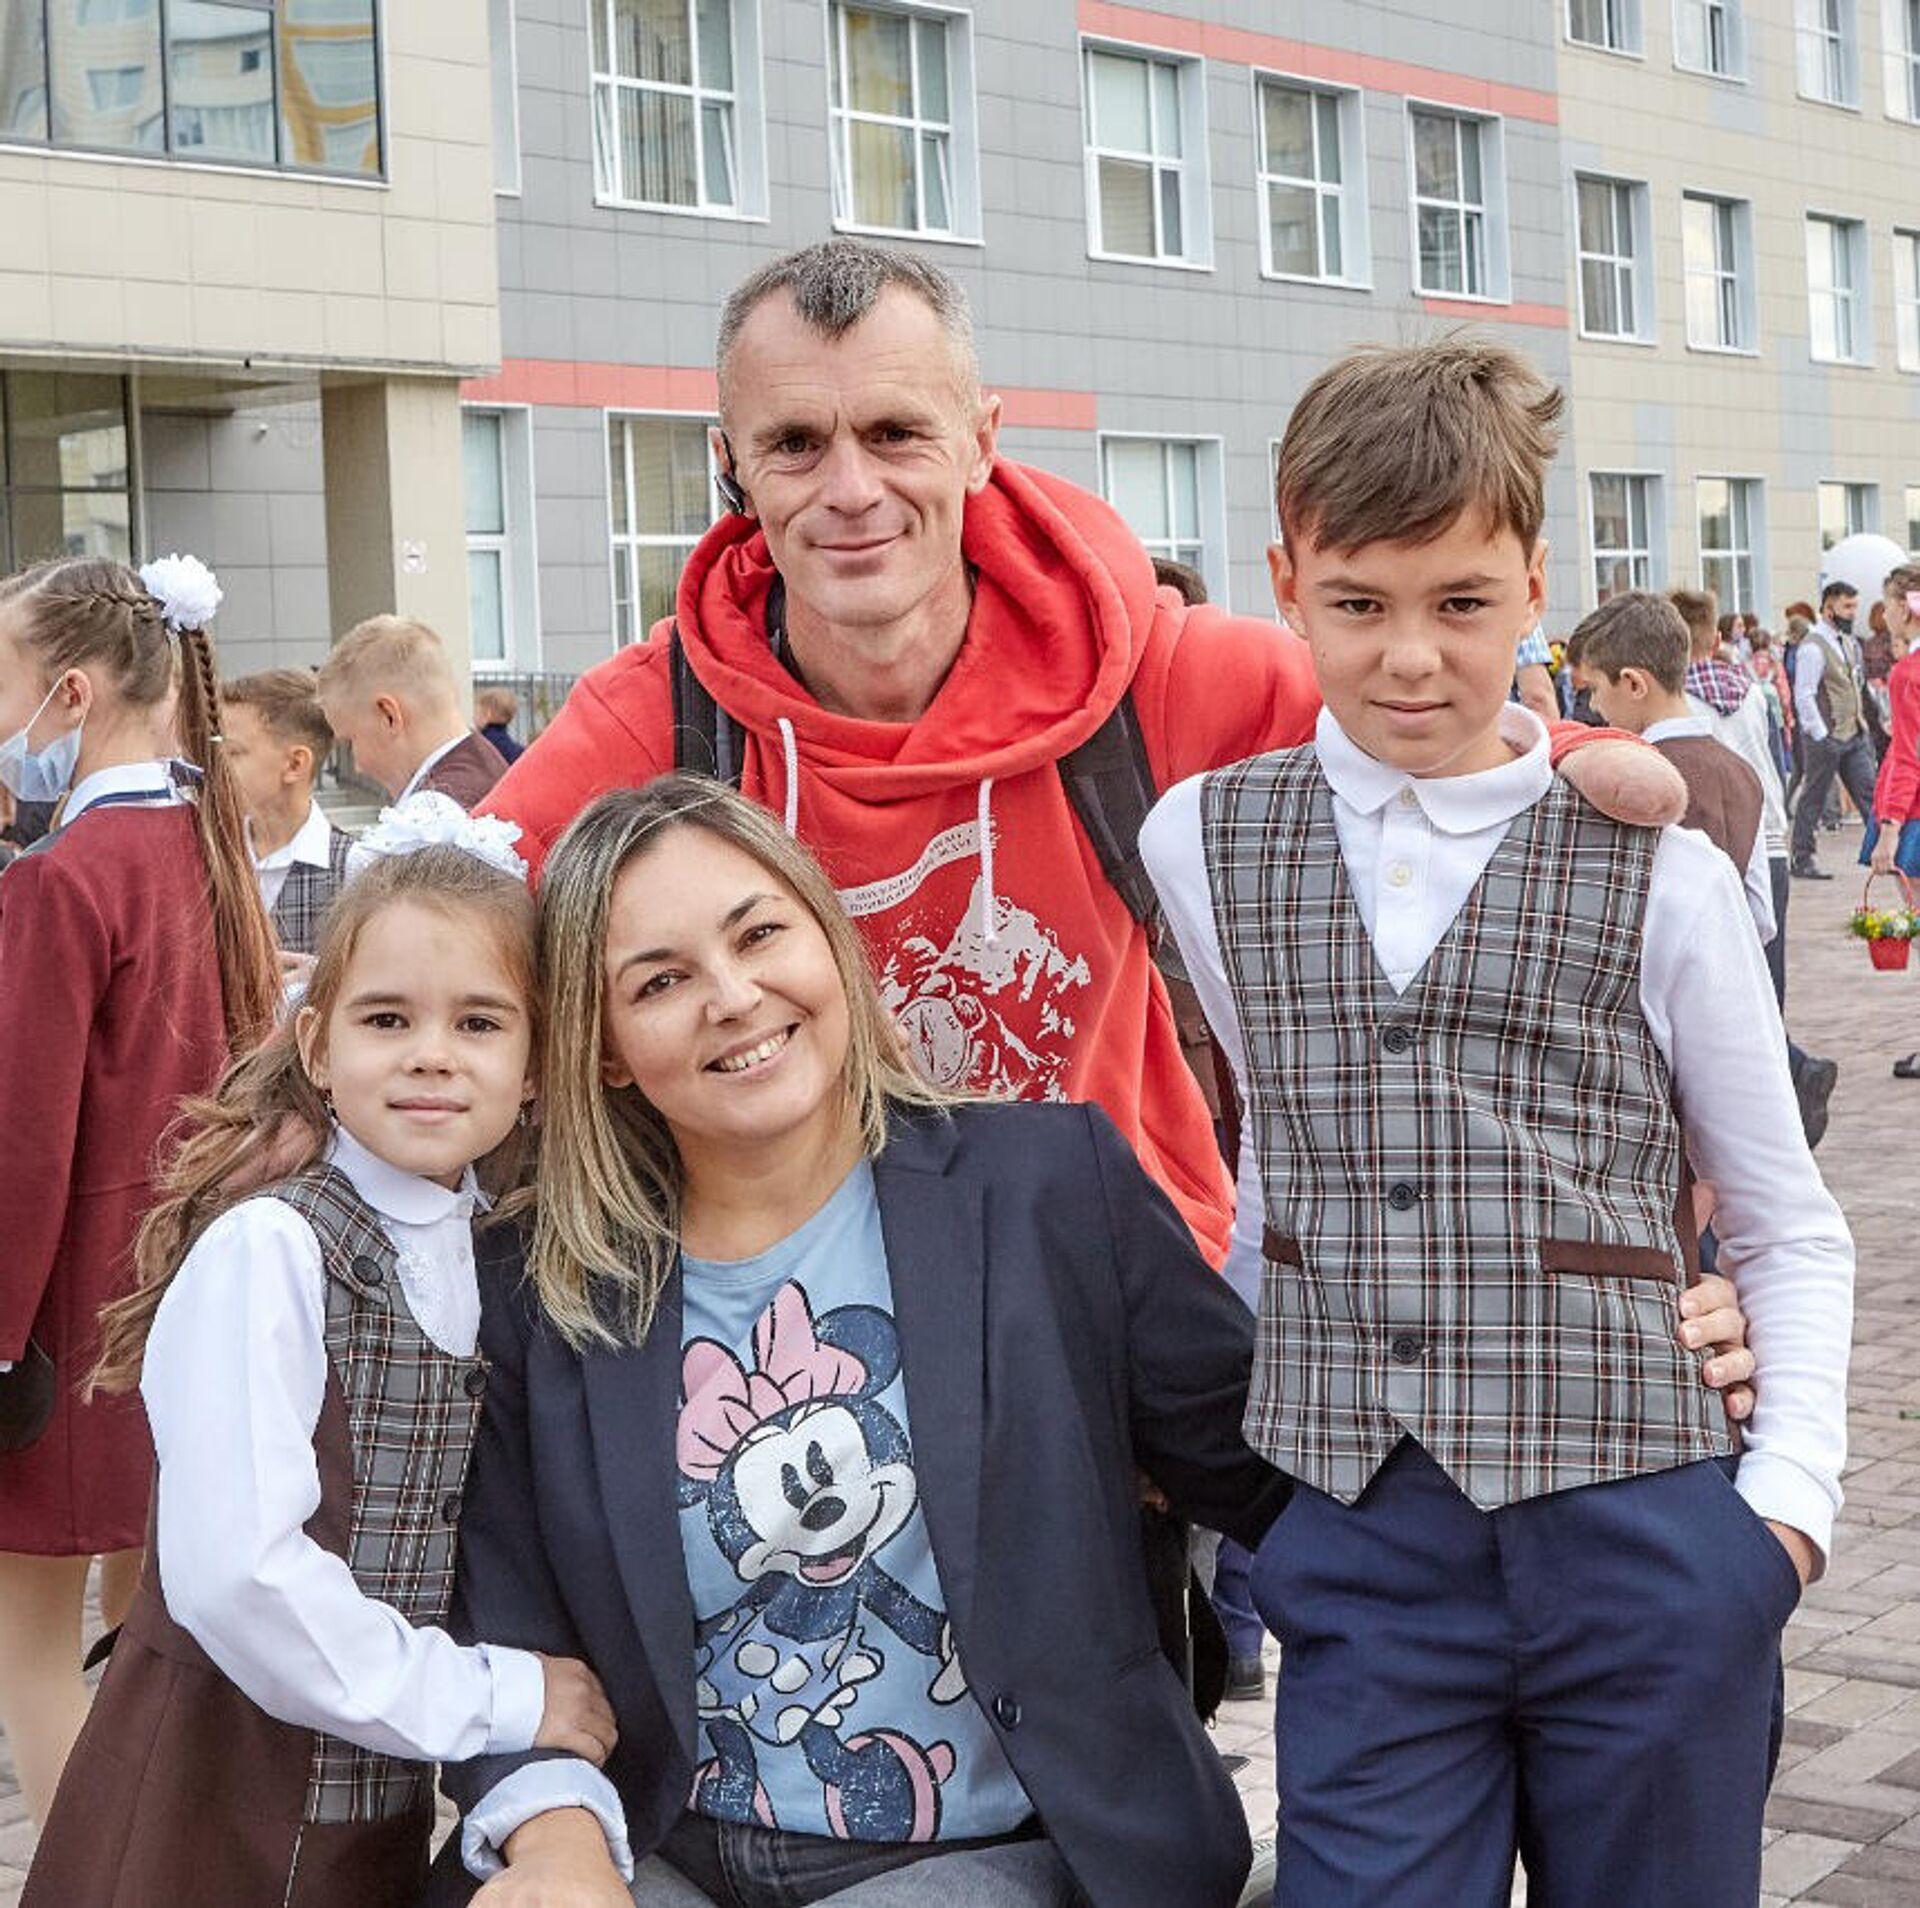 Дмитрий с супругой и детьми - РИА Новости, 1920, 15.09.2020